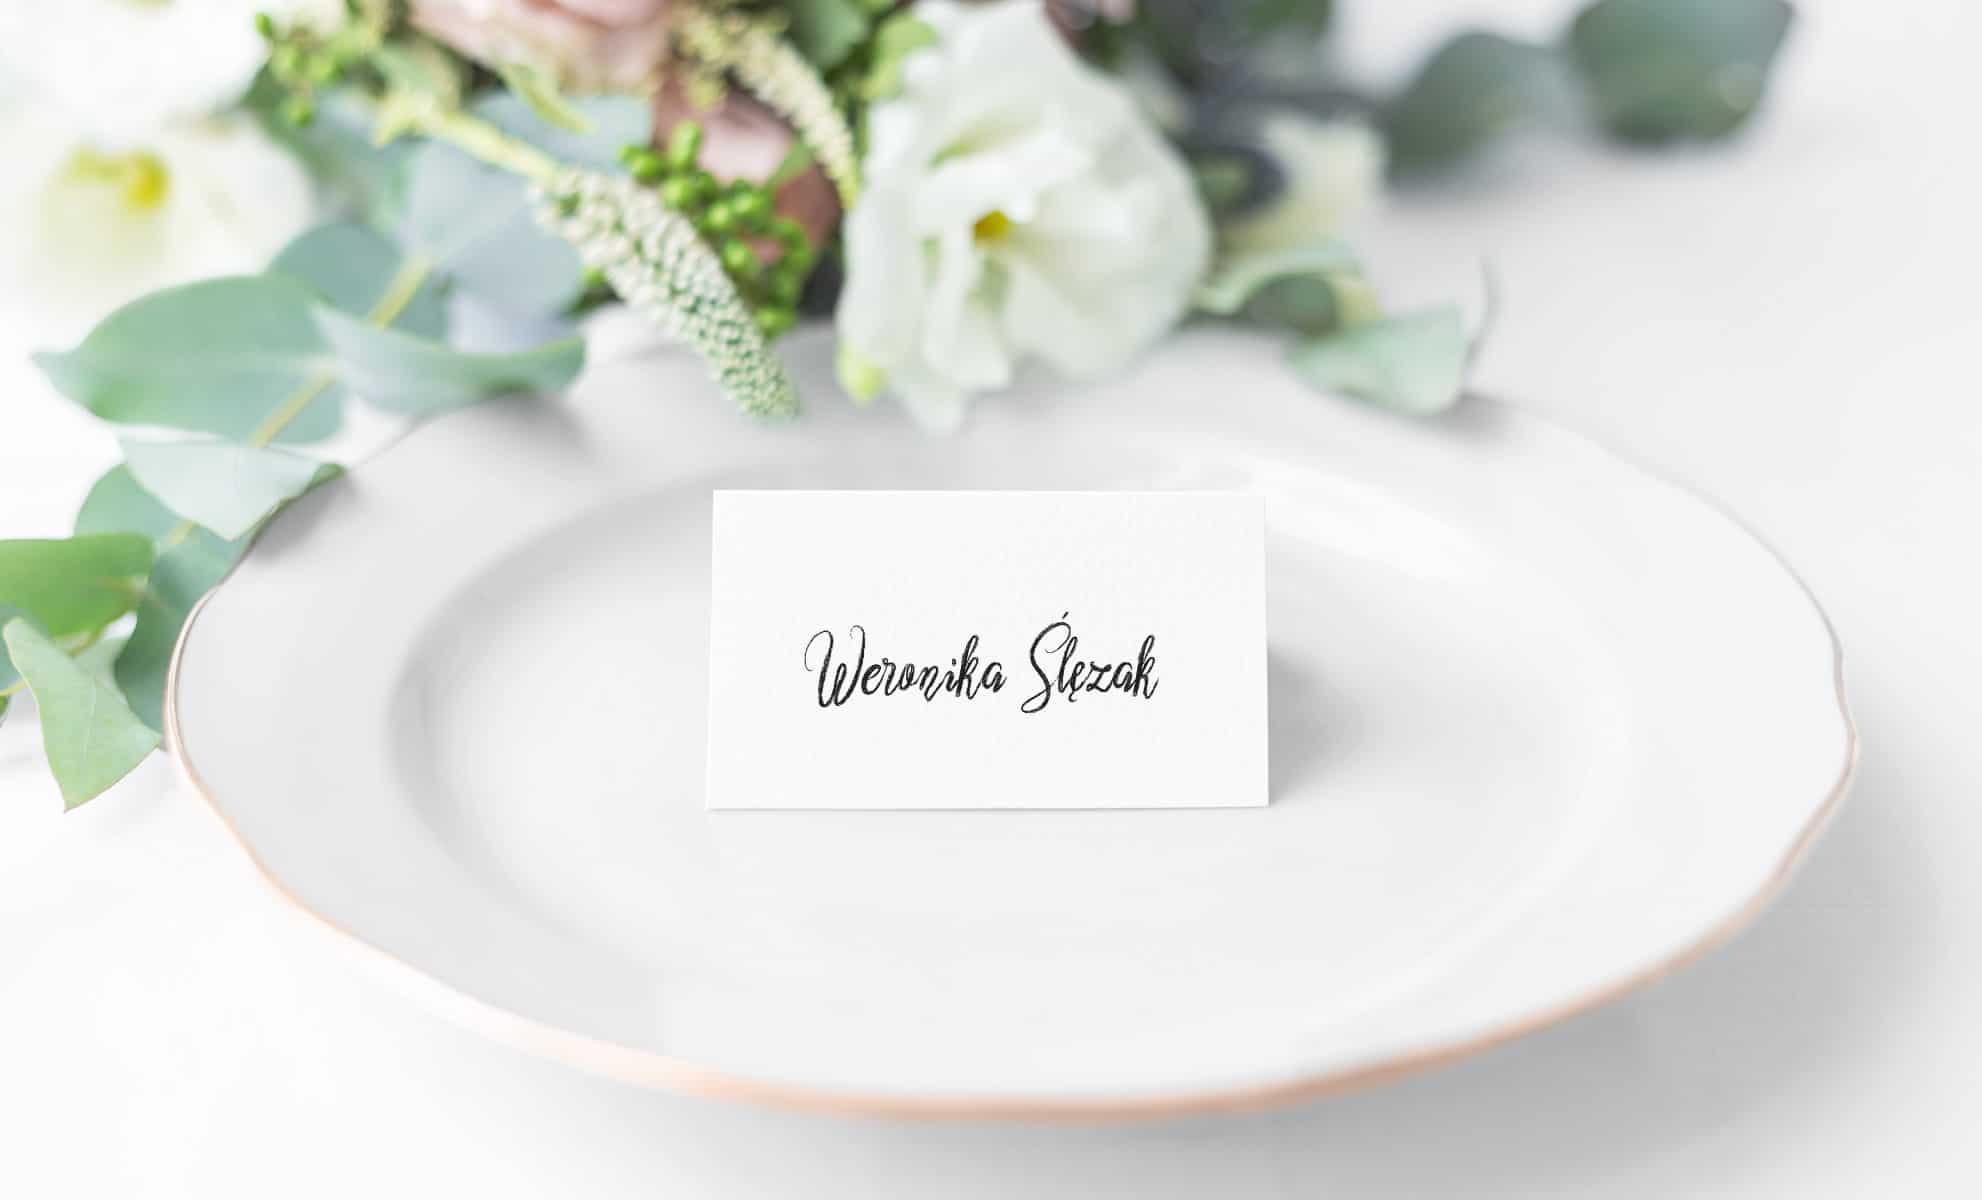 minimalistyczne białe winietki z imionami gości wypisanymi ozdobną czcionką